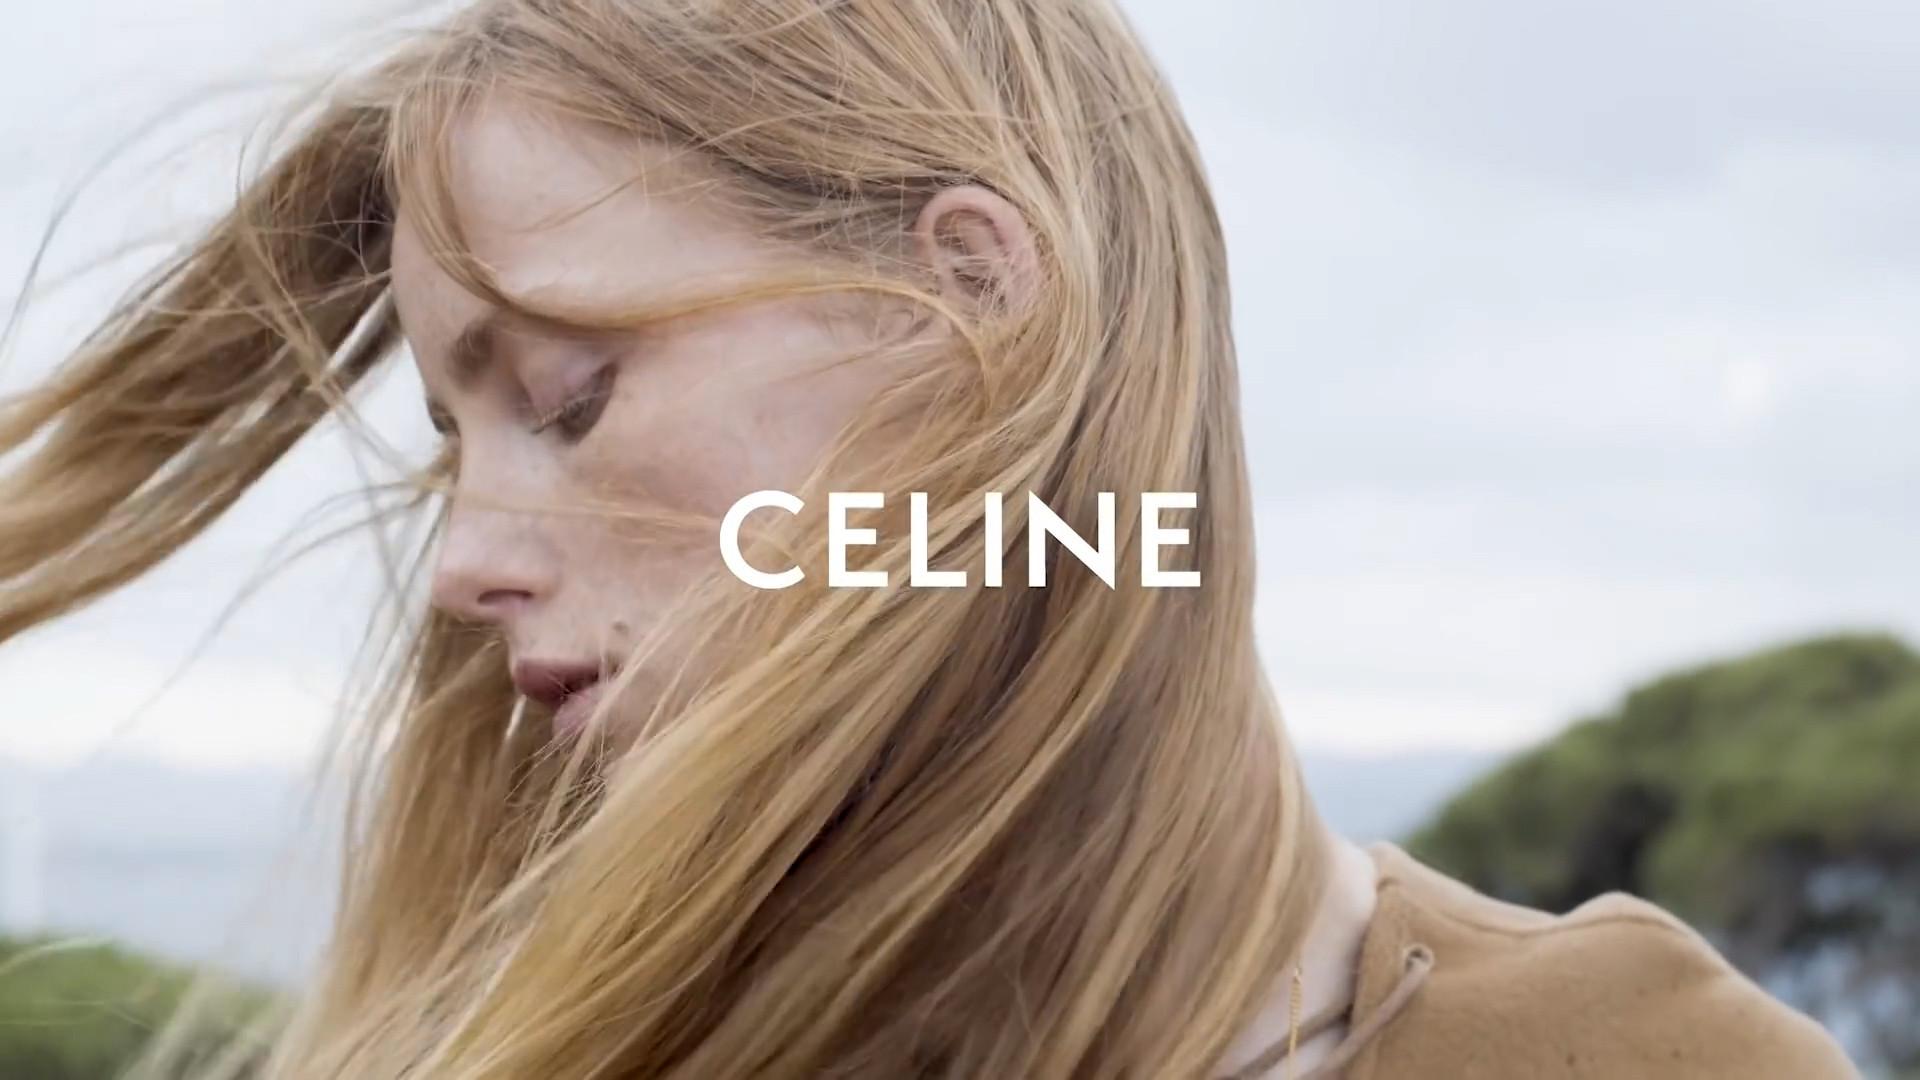 CELINE . SPRING 21 WOMEN